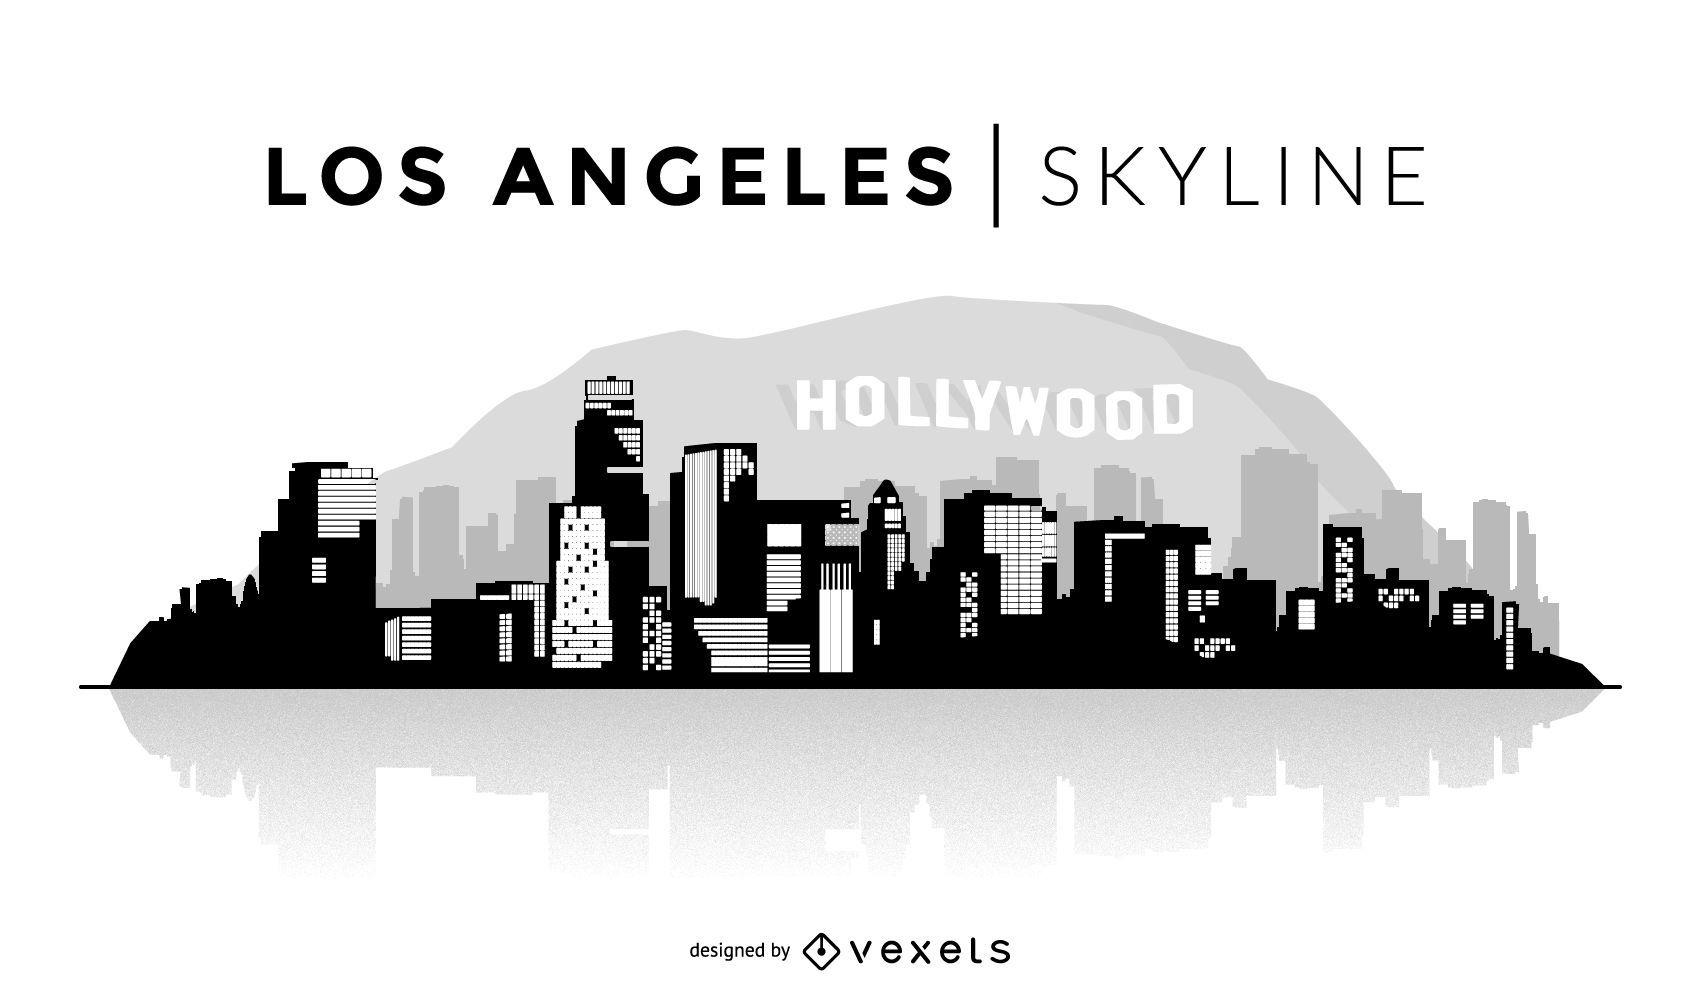 Los Angeles Skyline Illustration